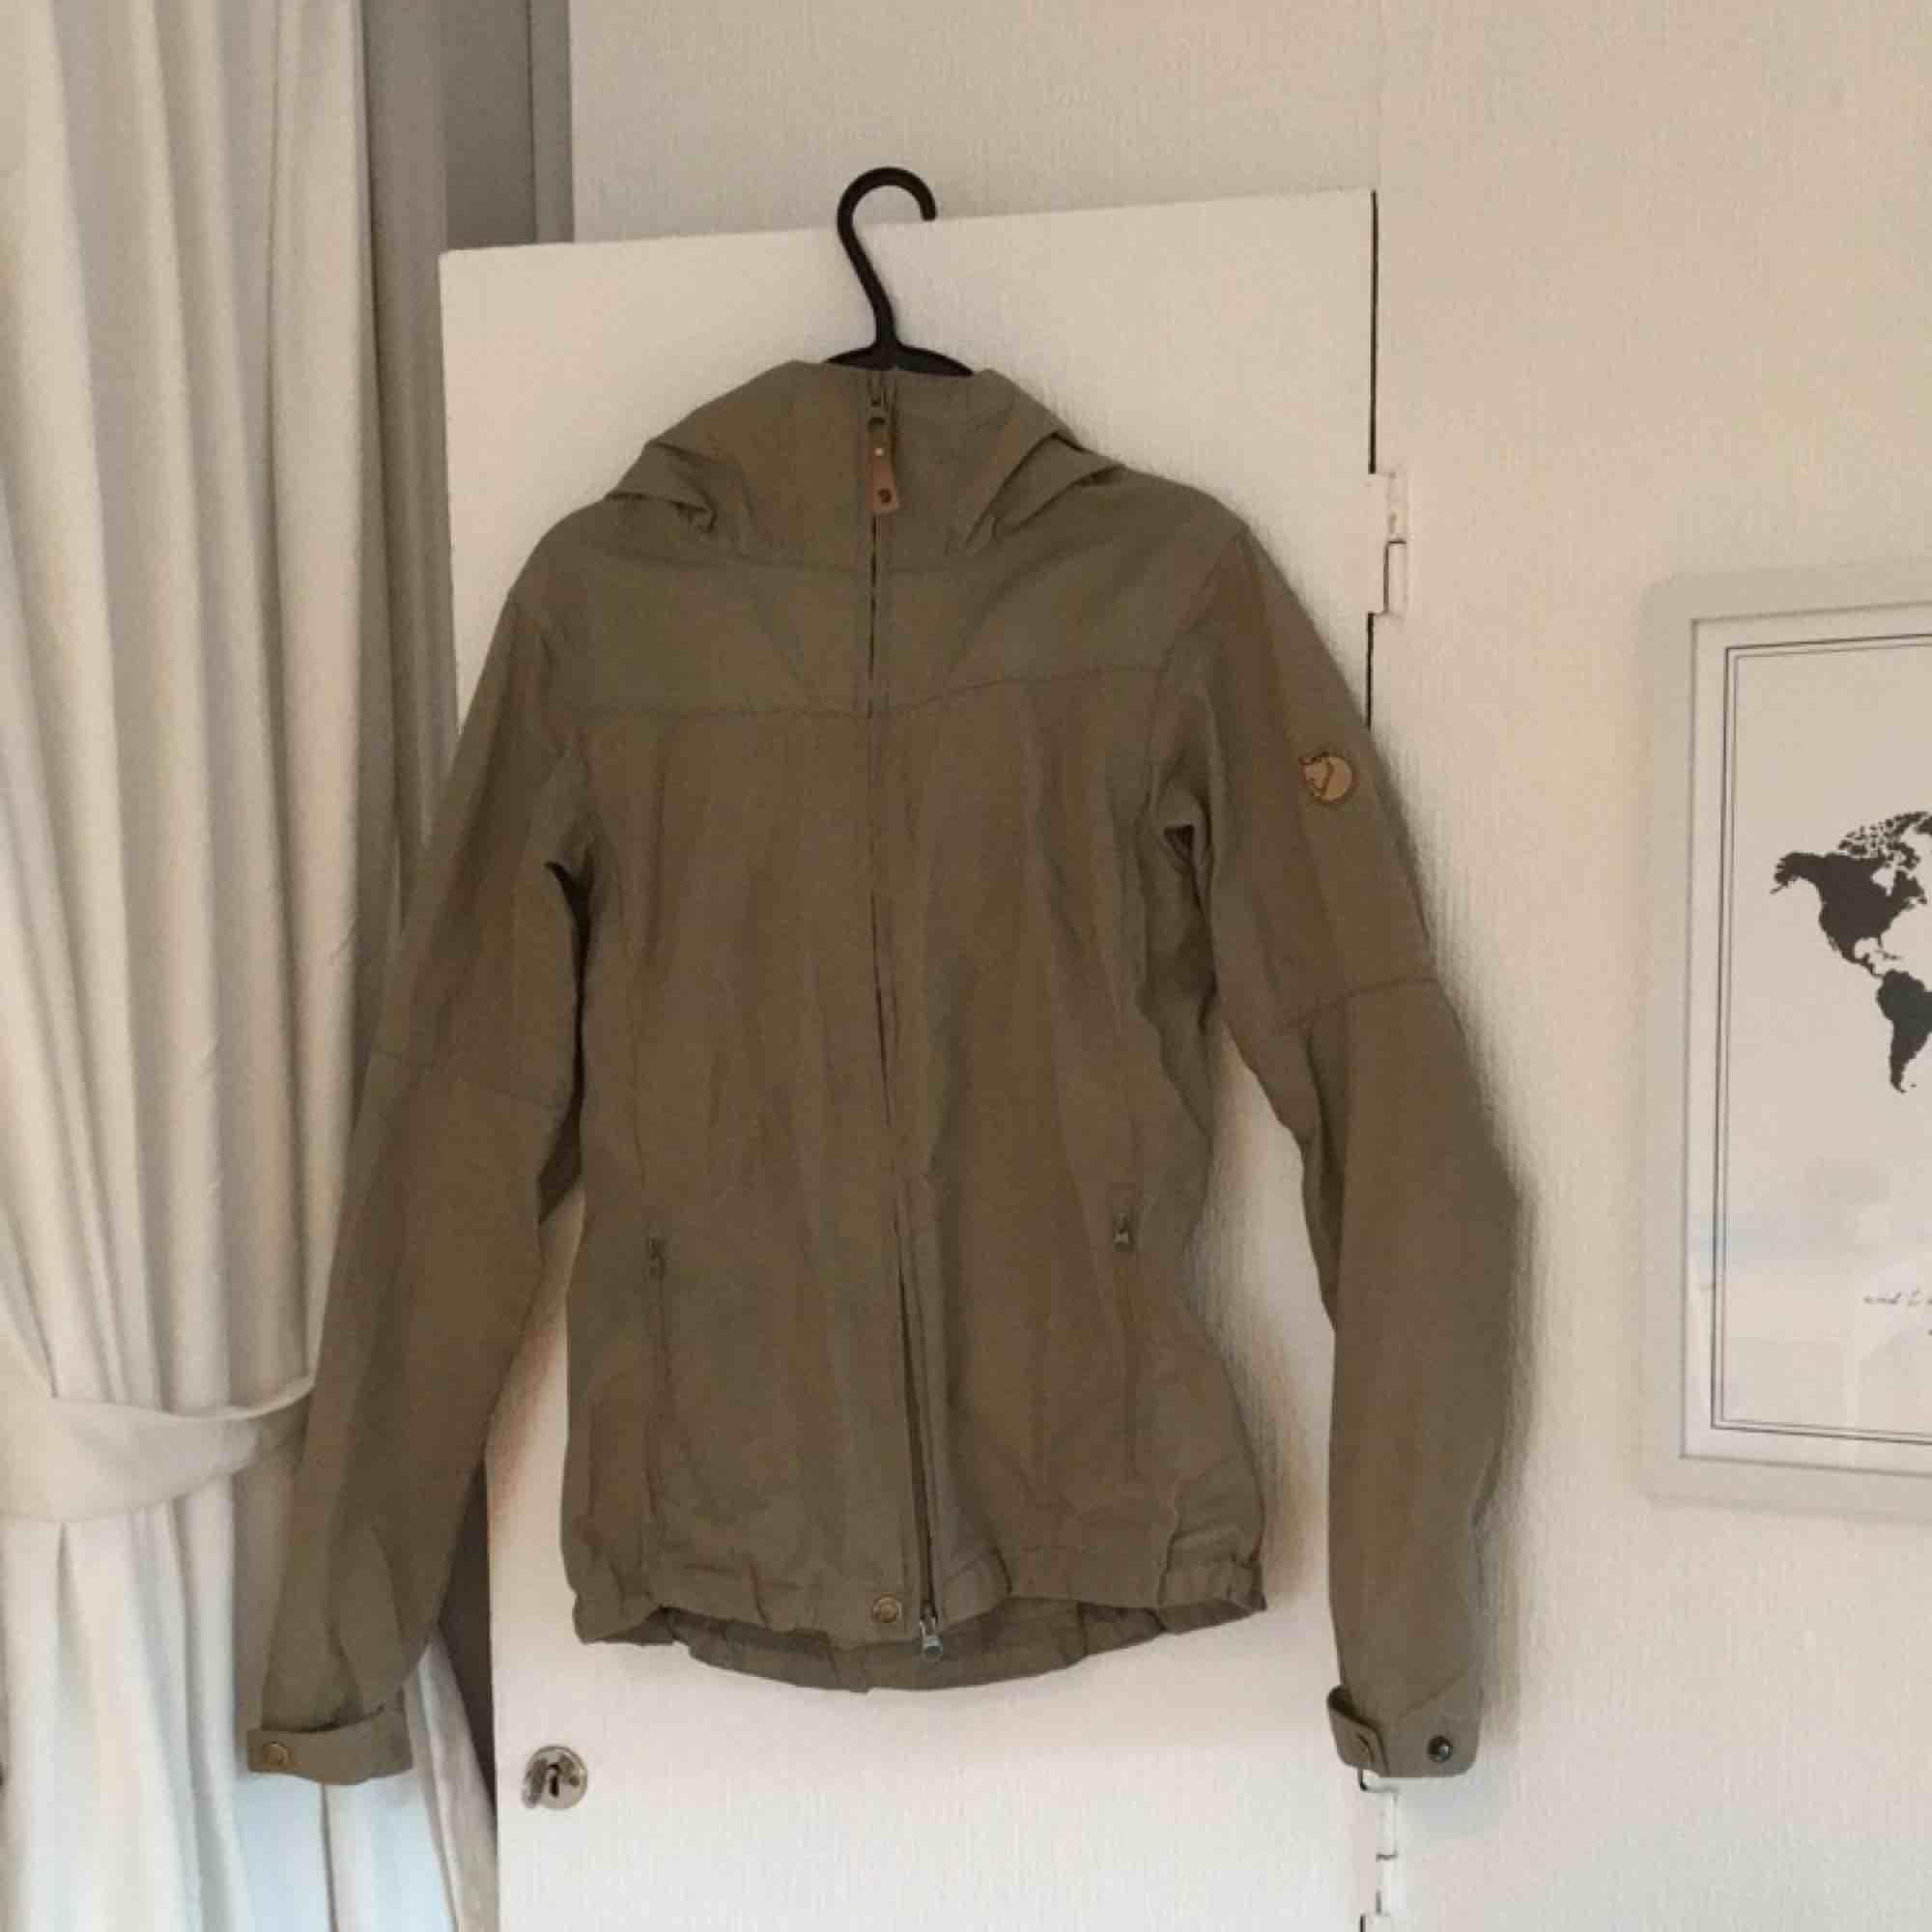 Tunn grönbeige jacka från fjällräven. Är XXS men eftersom fjällrävens kläder är ganska stora i storleken passar den även XS. Betalas med swish, 800kr +frakt. Fråga gärna om fler bilder eller annat ni undrar över!. Jackor.